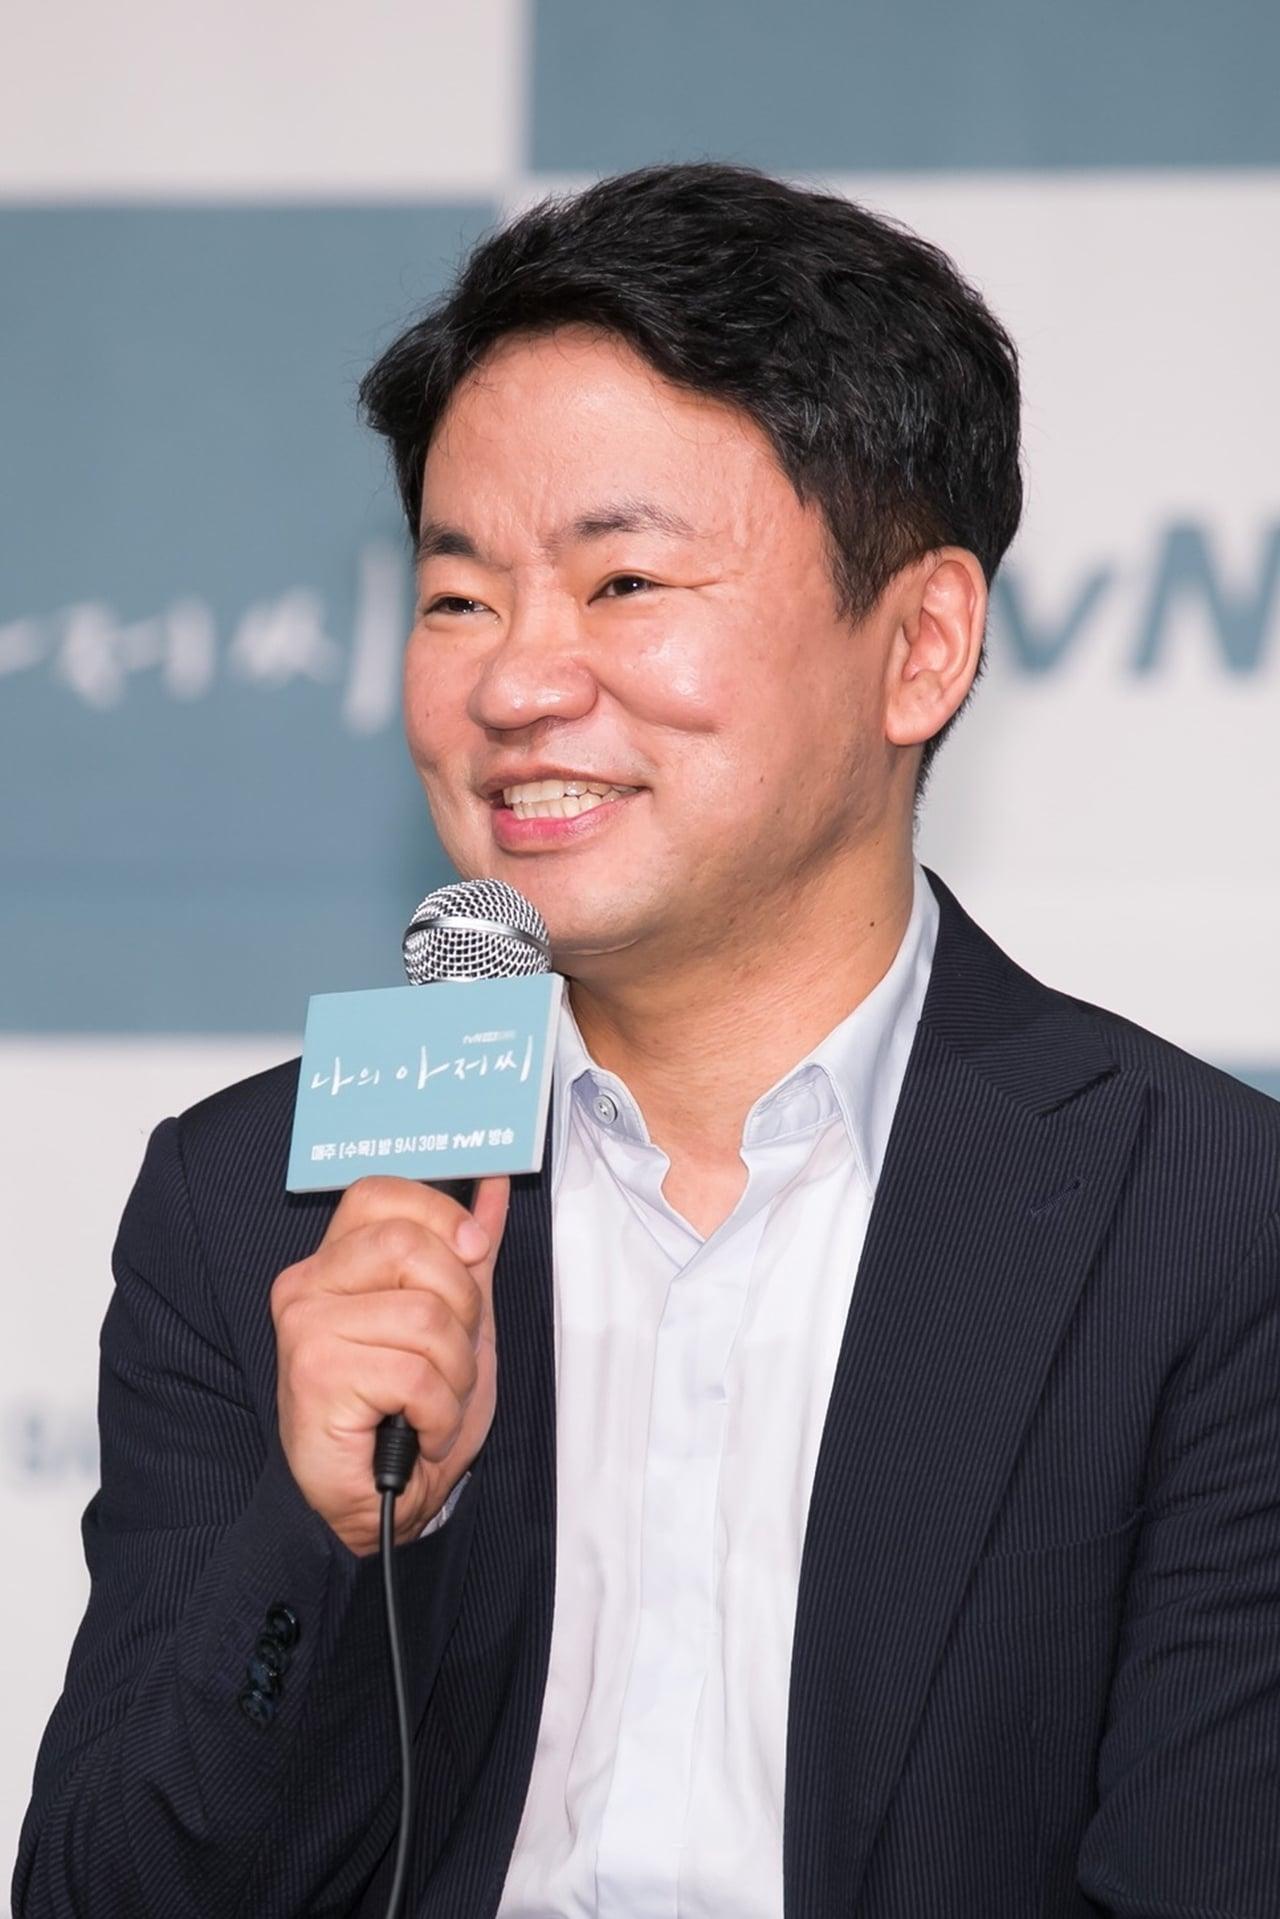 Kim Won-seok